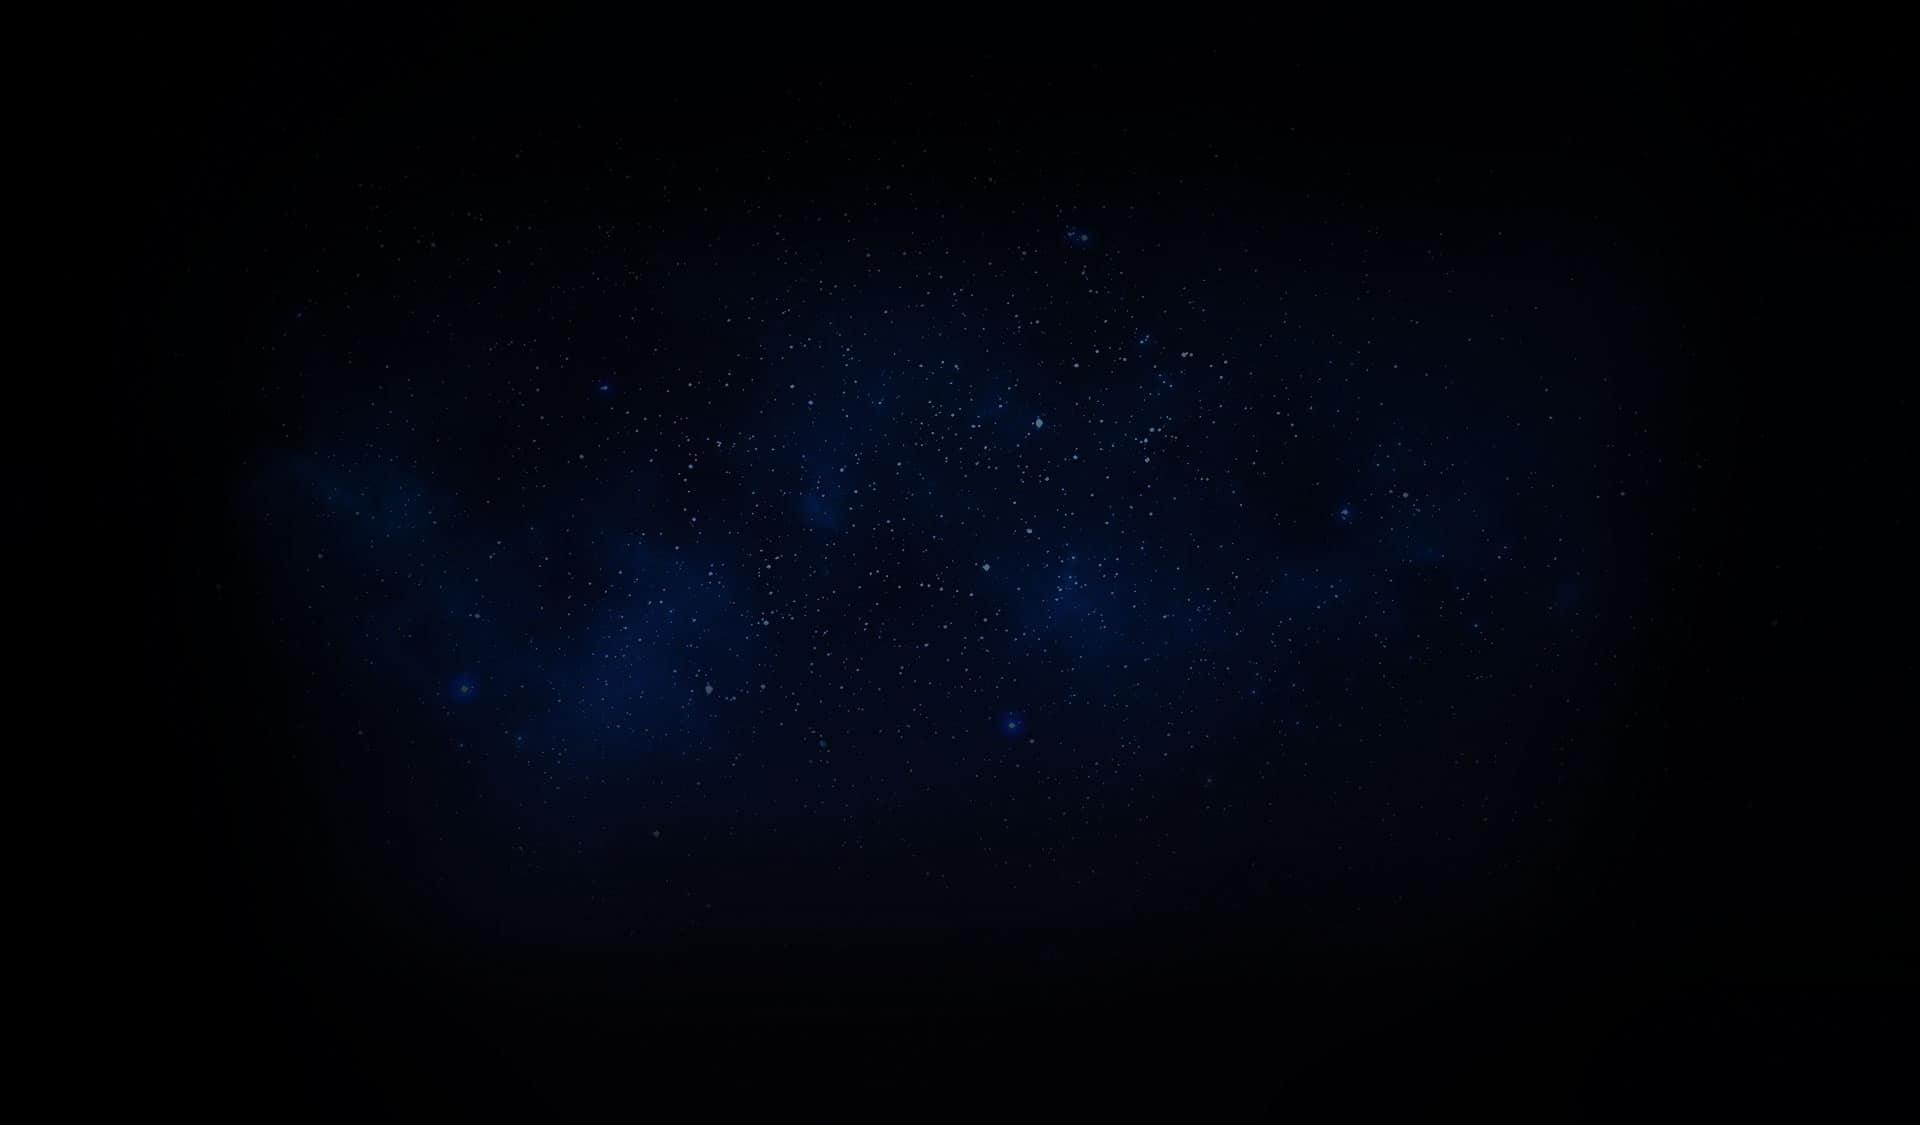 Sfondo spazio e stelle per pagina ottimizzazione seo per i motori di ricerca | Web agency napoli flashex